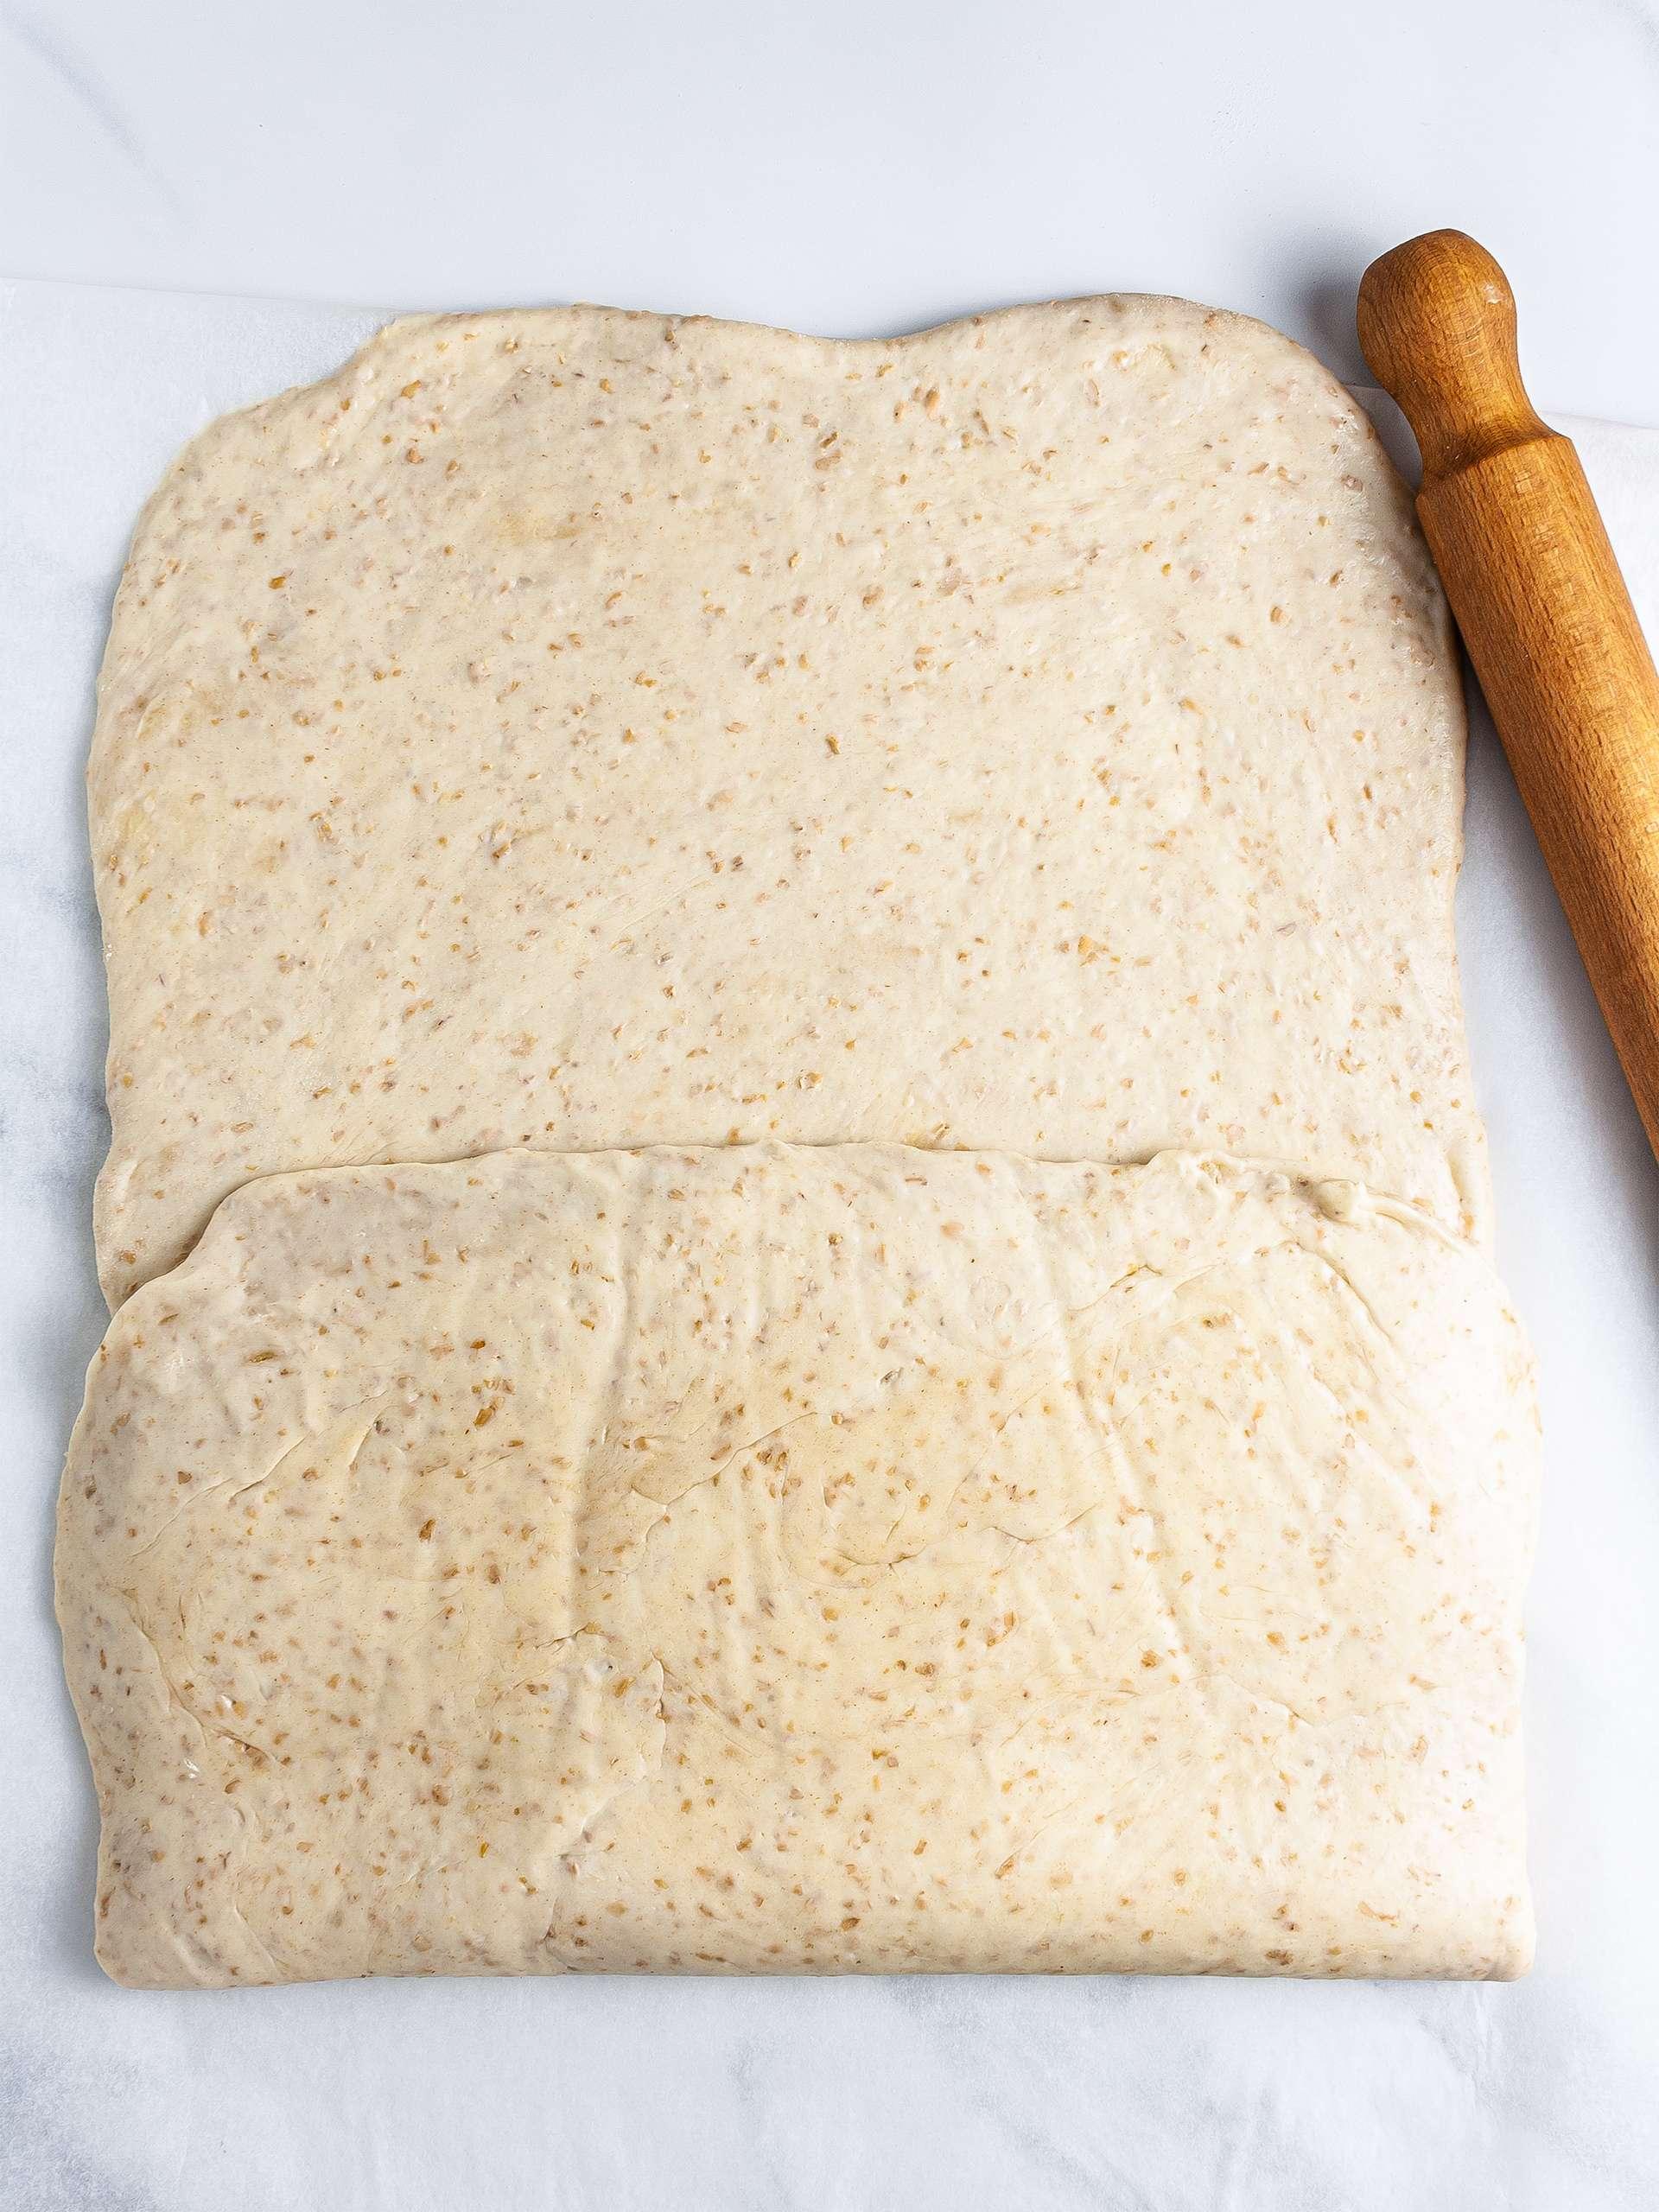 Folded dough according to tri-fold technique